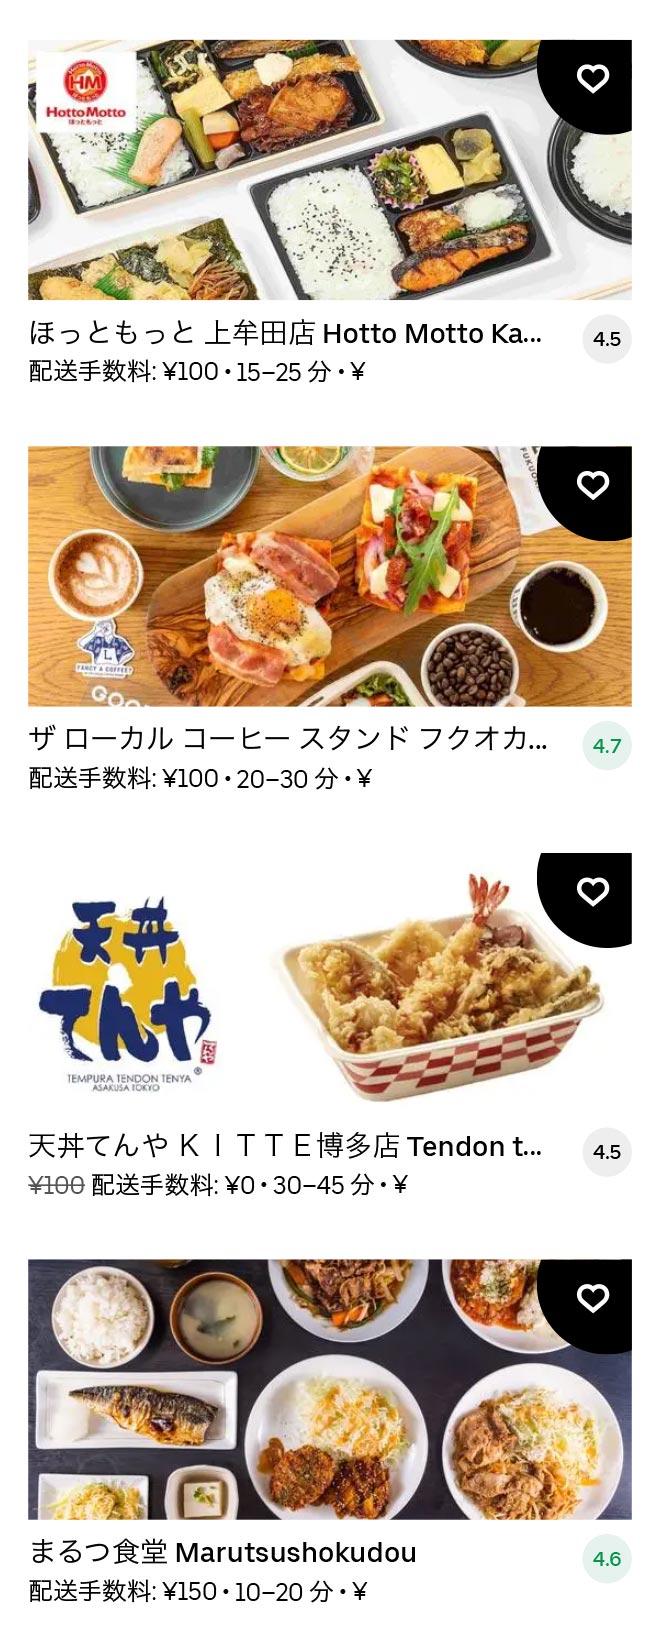 Higashi hie menu 2101 07